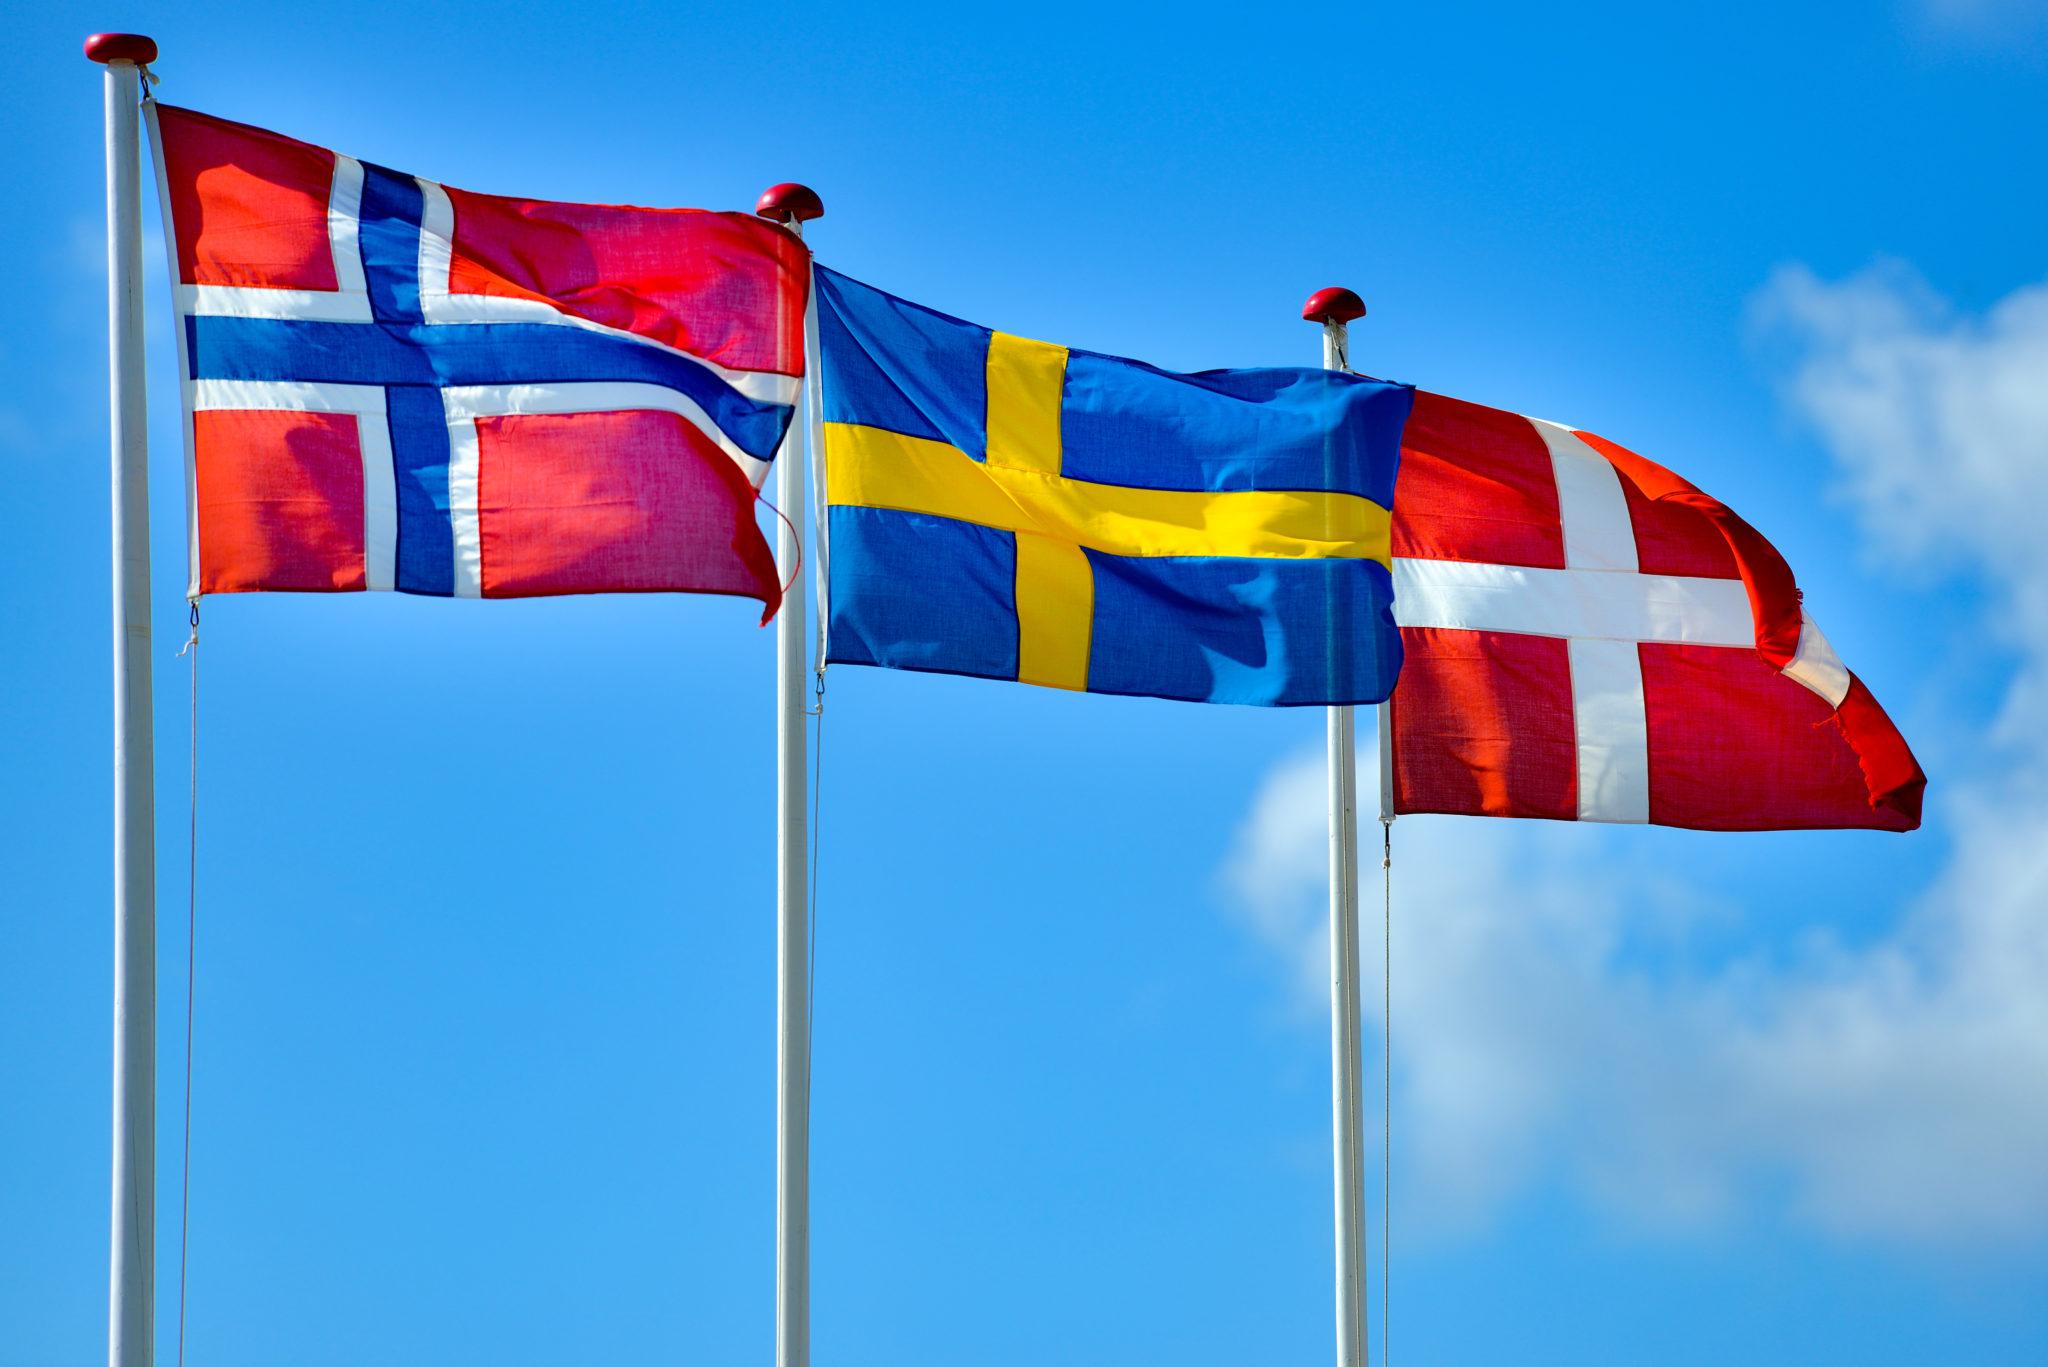 Союз трех государств - Дании, Норвегии, Швеции возглавляла Маргарита Датская